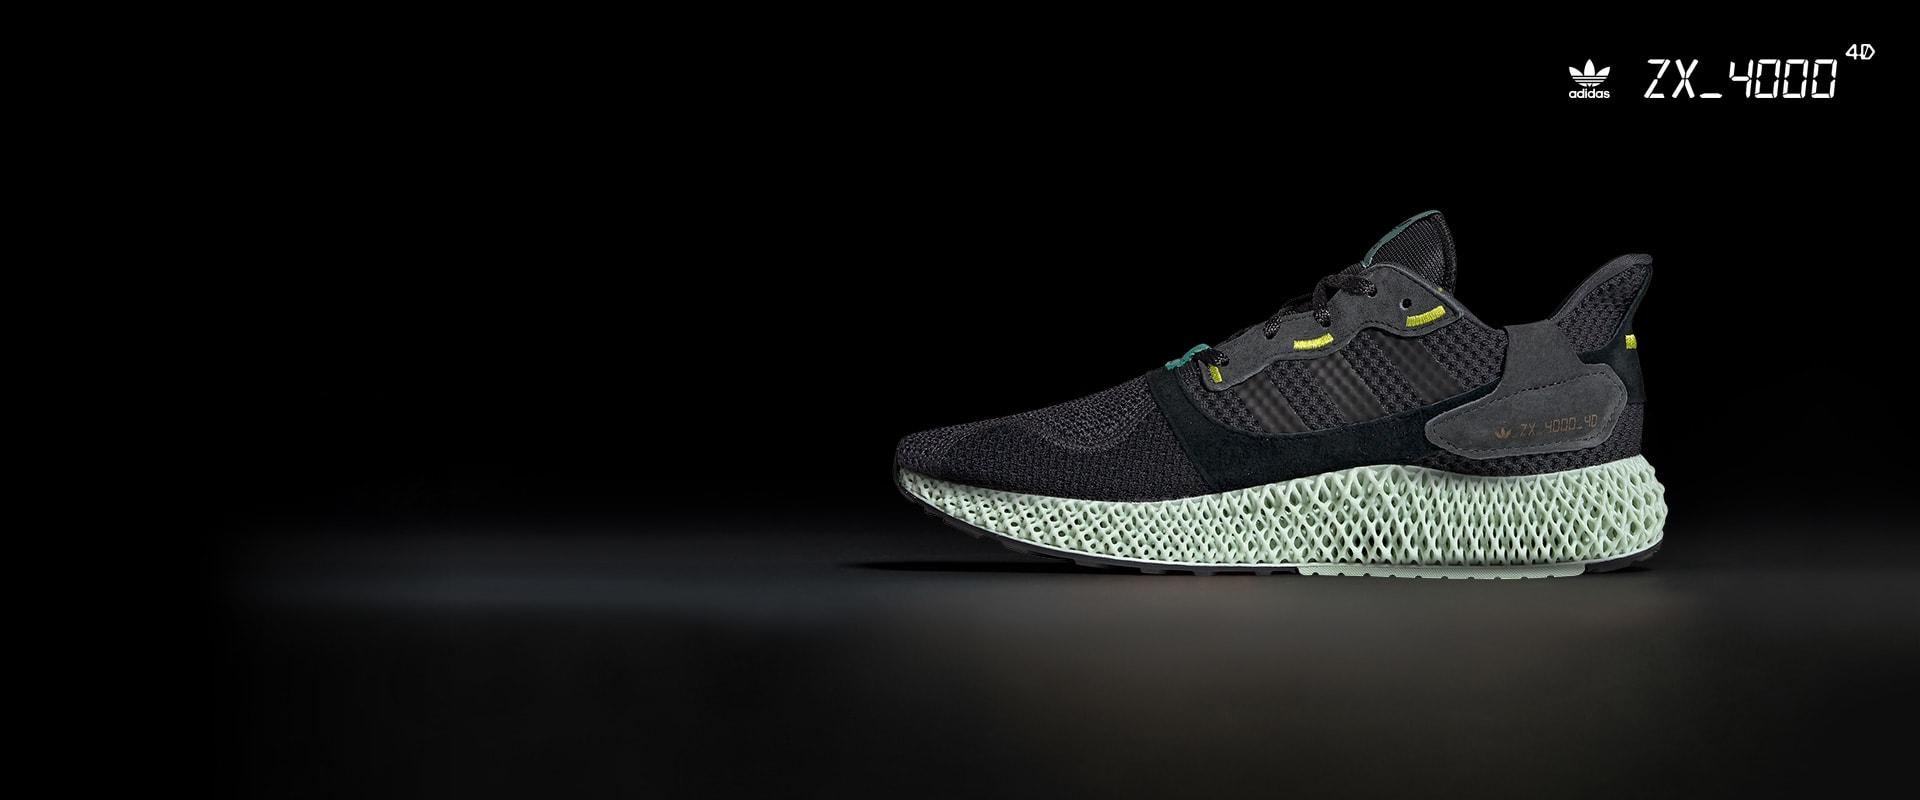 meet 6a1c7 bec66 Oficjalna strona i sklep internetowy adidas®